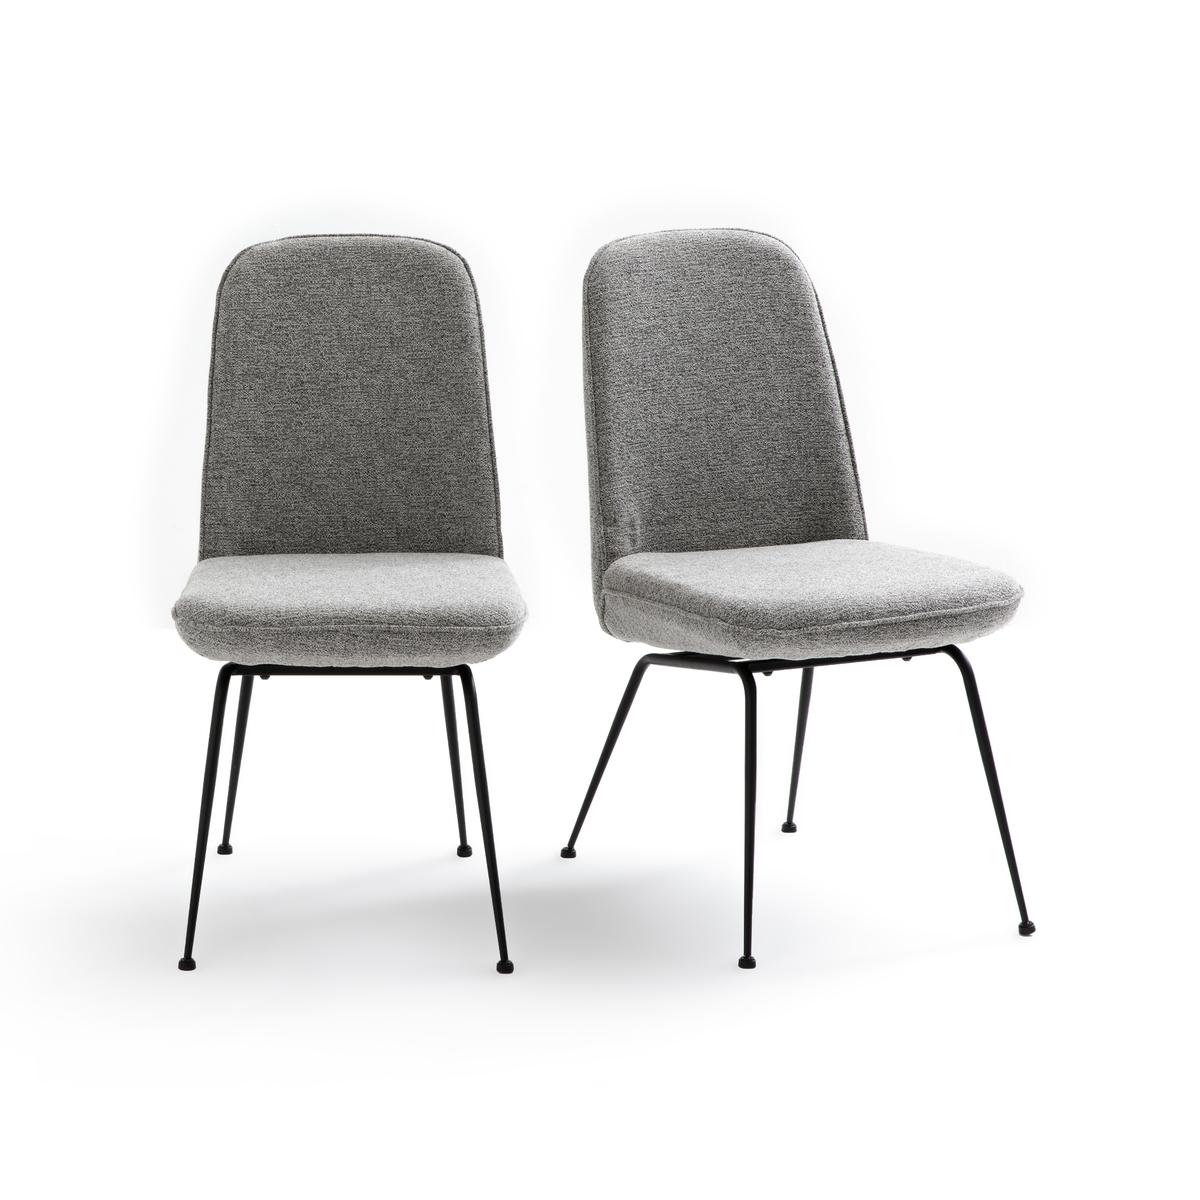 Комплект из 2 стульев, Belfort La Redoute La Redoute единый размер серый цена